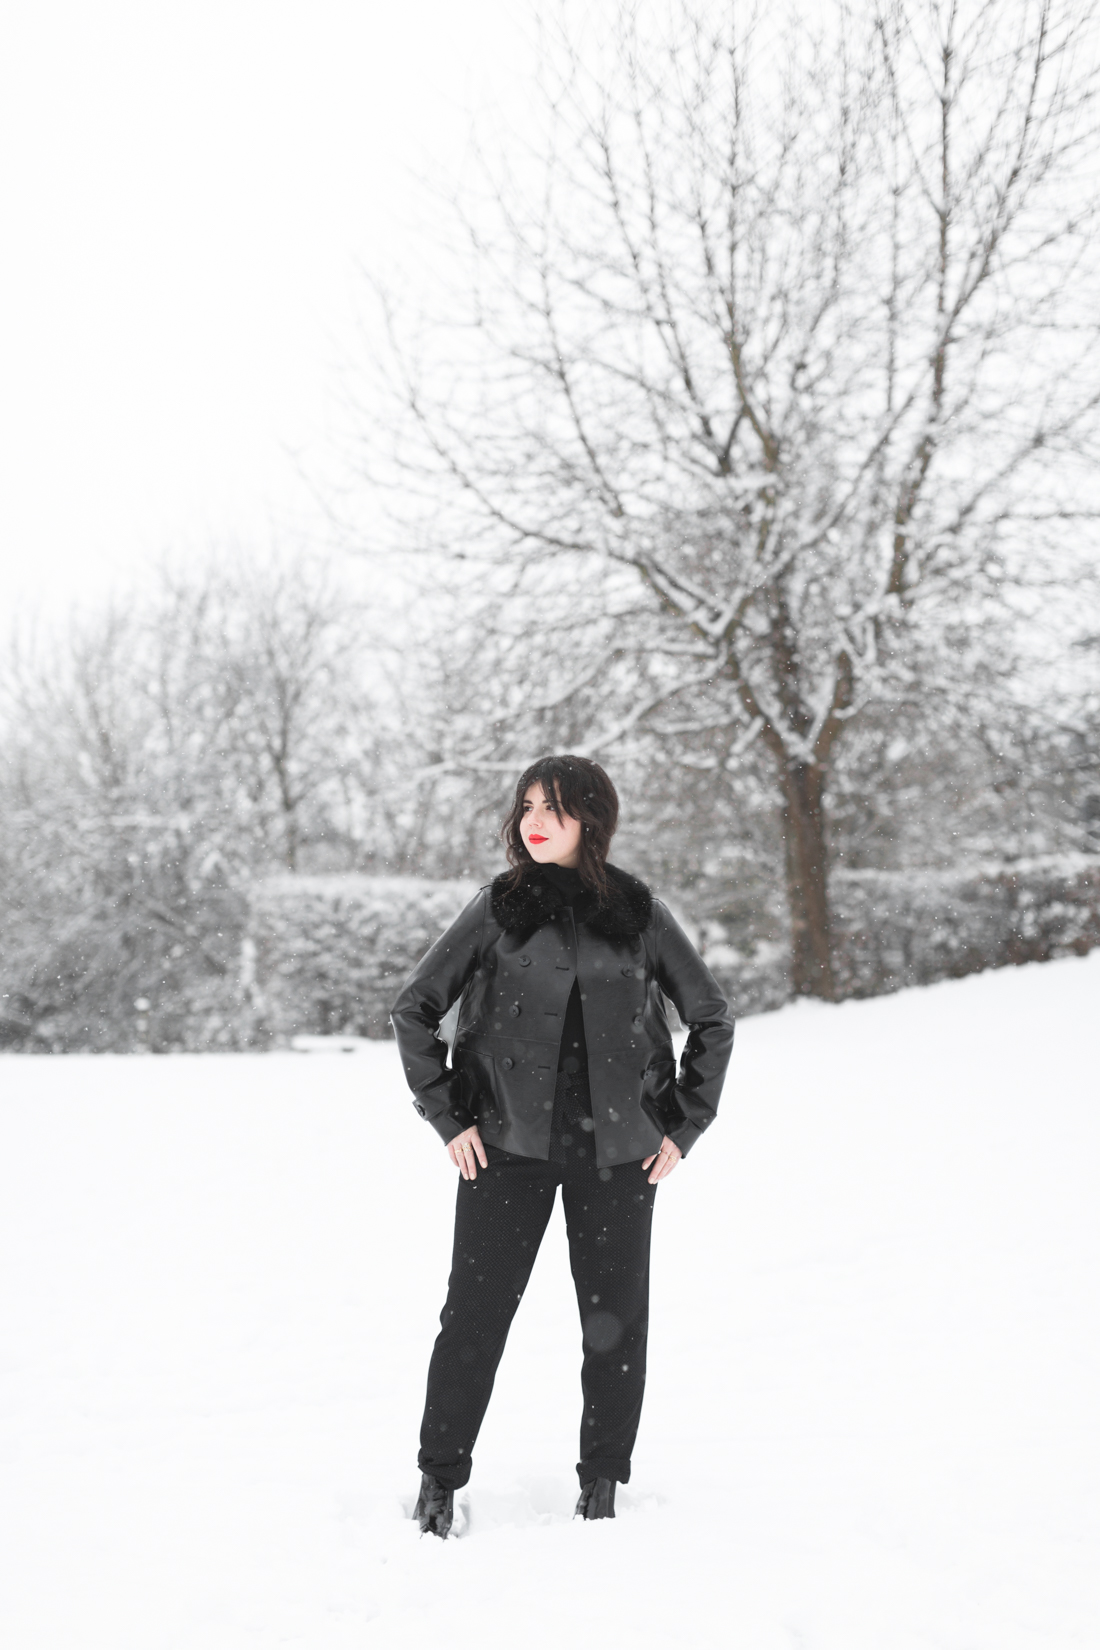 soldes hiver 1 2 3 Paris copyright Pauline paulinefashionblog com 5 Pulverschnee